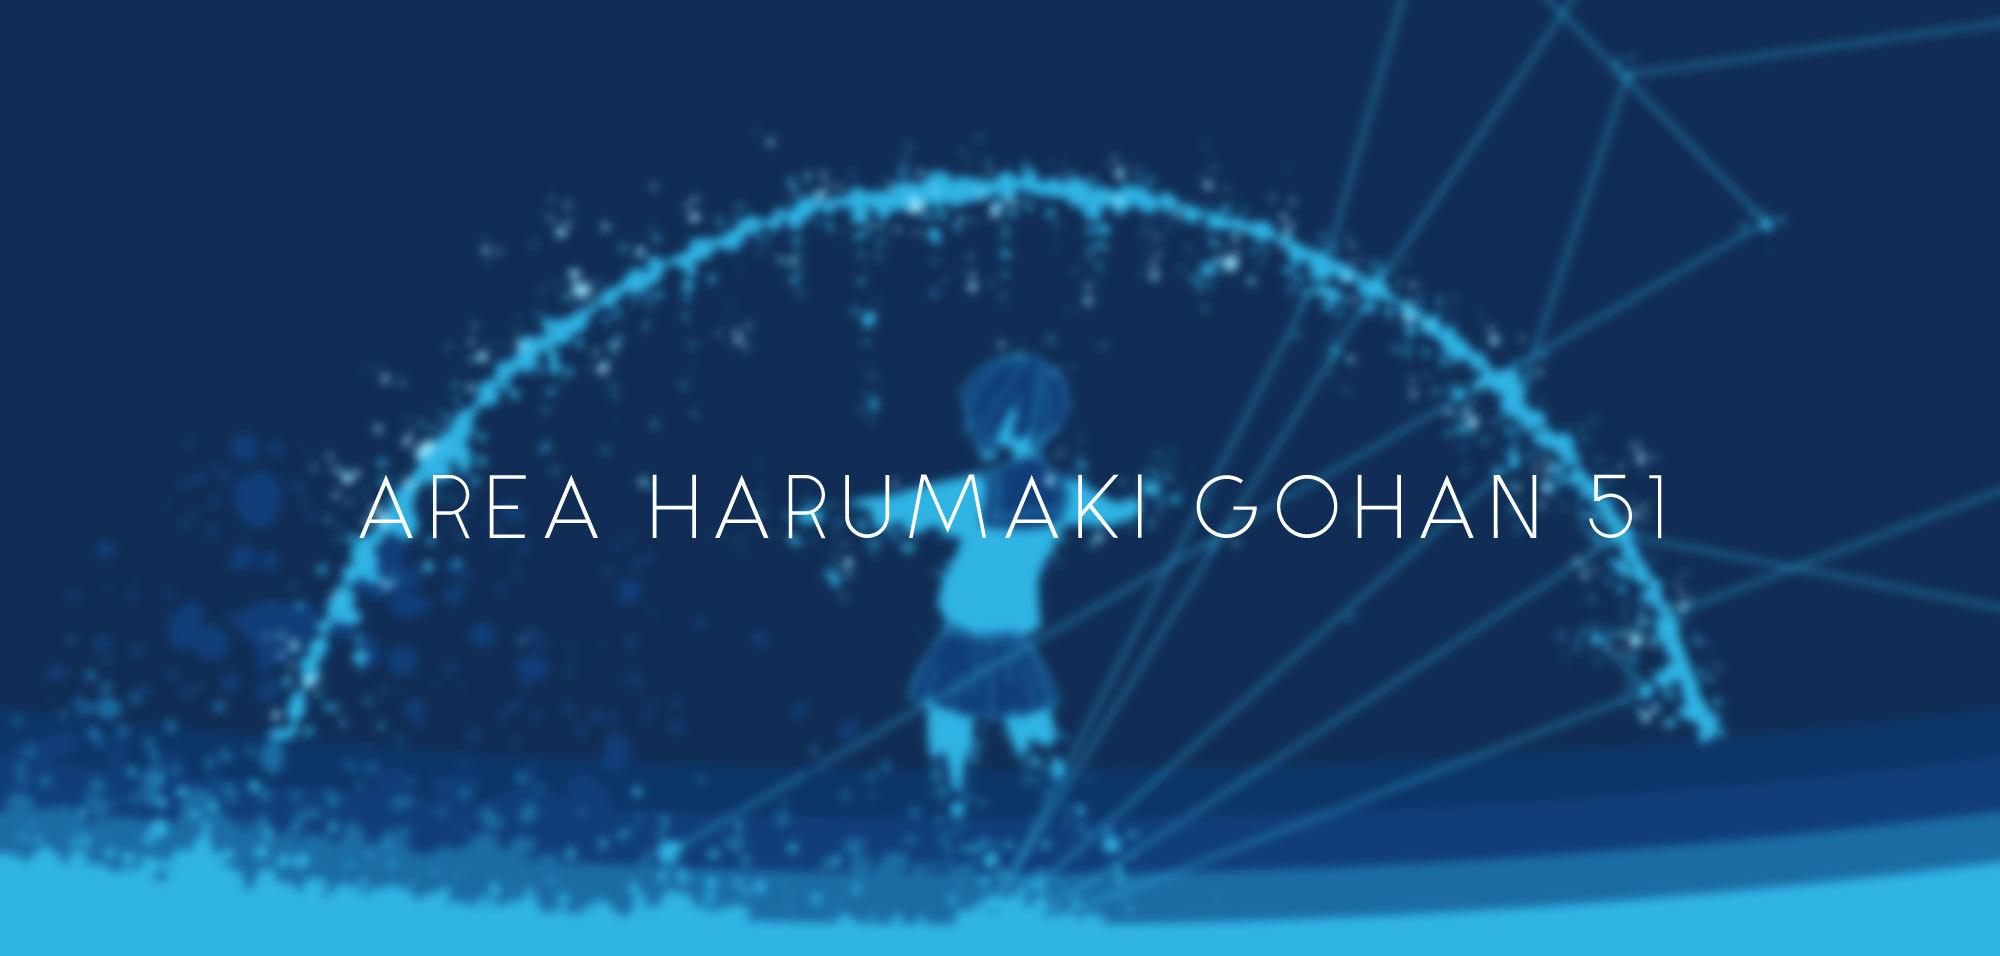 Area Harumaki Gohan 51